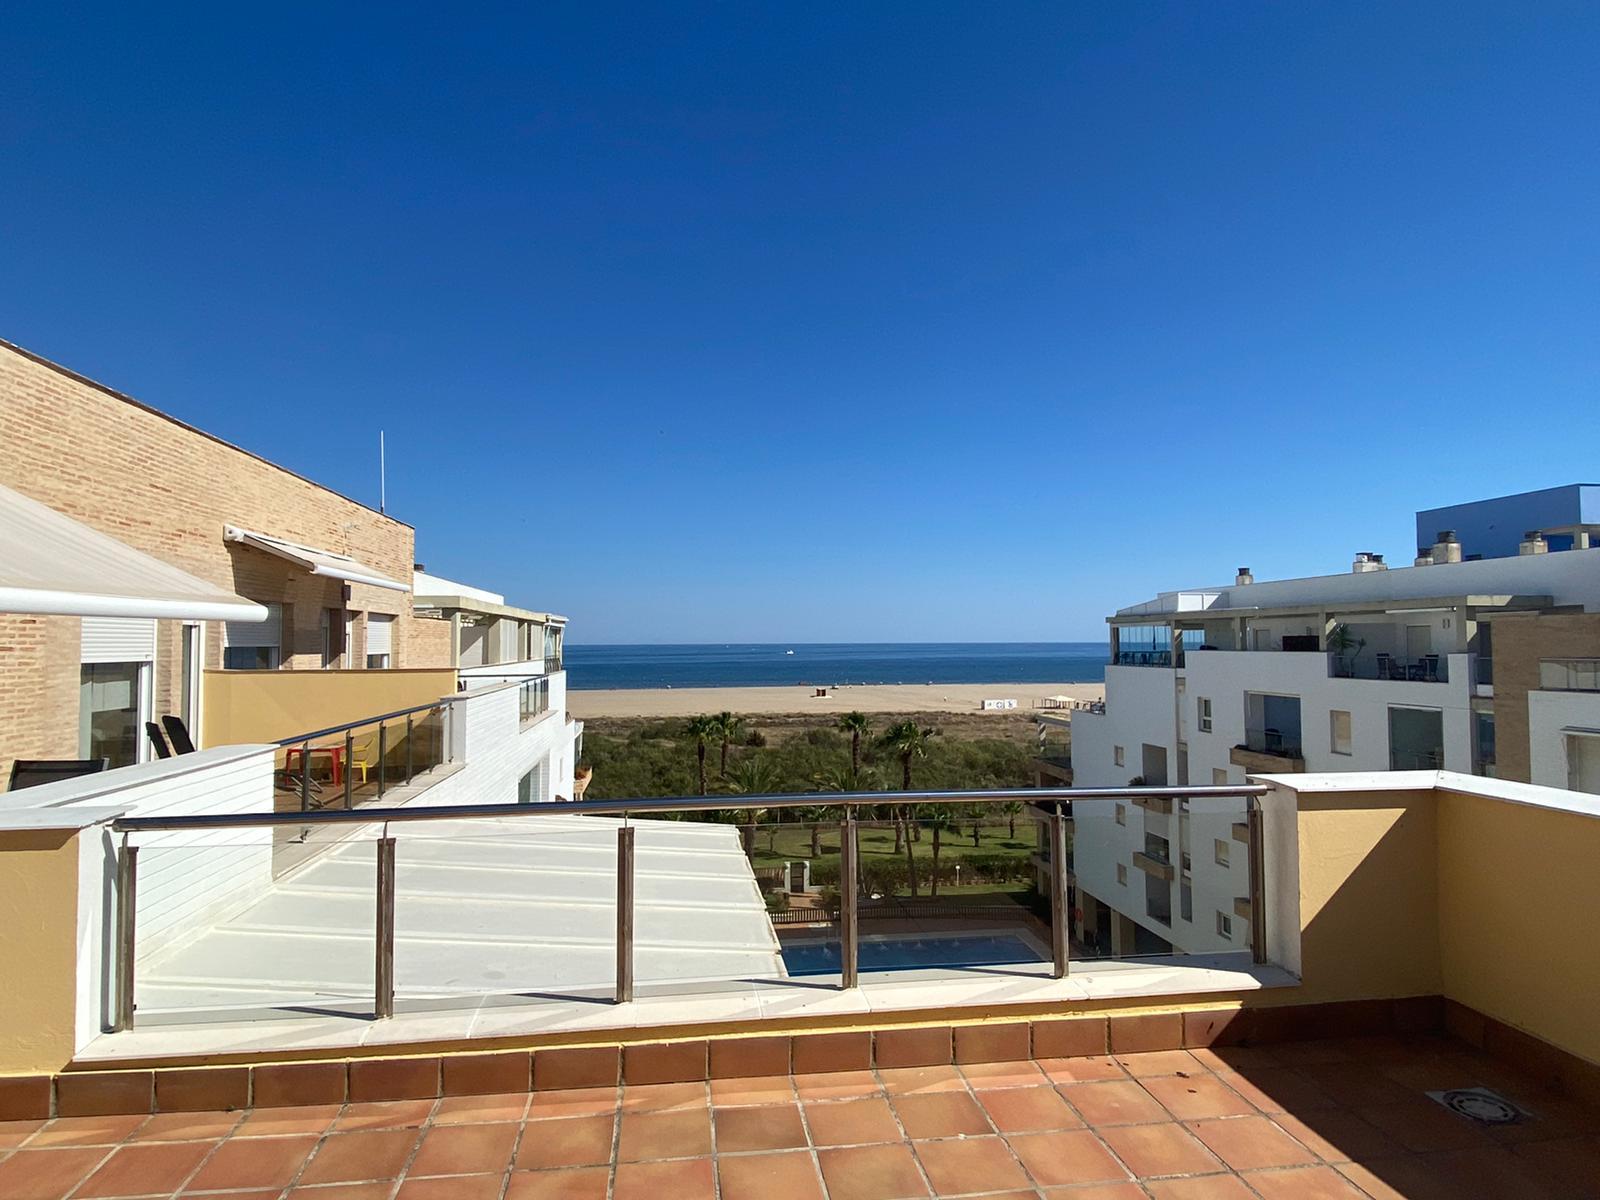 Imagen 2 del Apartamento Turístico, Ático 8 Central (3d+2b), Punta del Moral (HUELVA), Paseo de la Cruz nº22